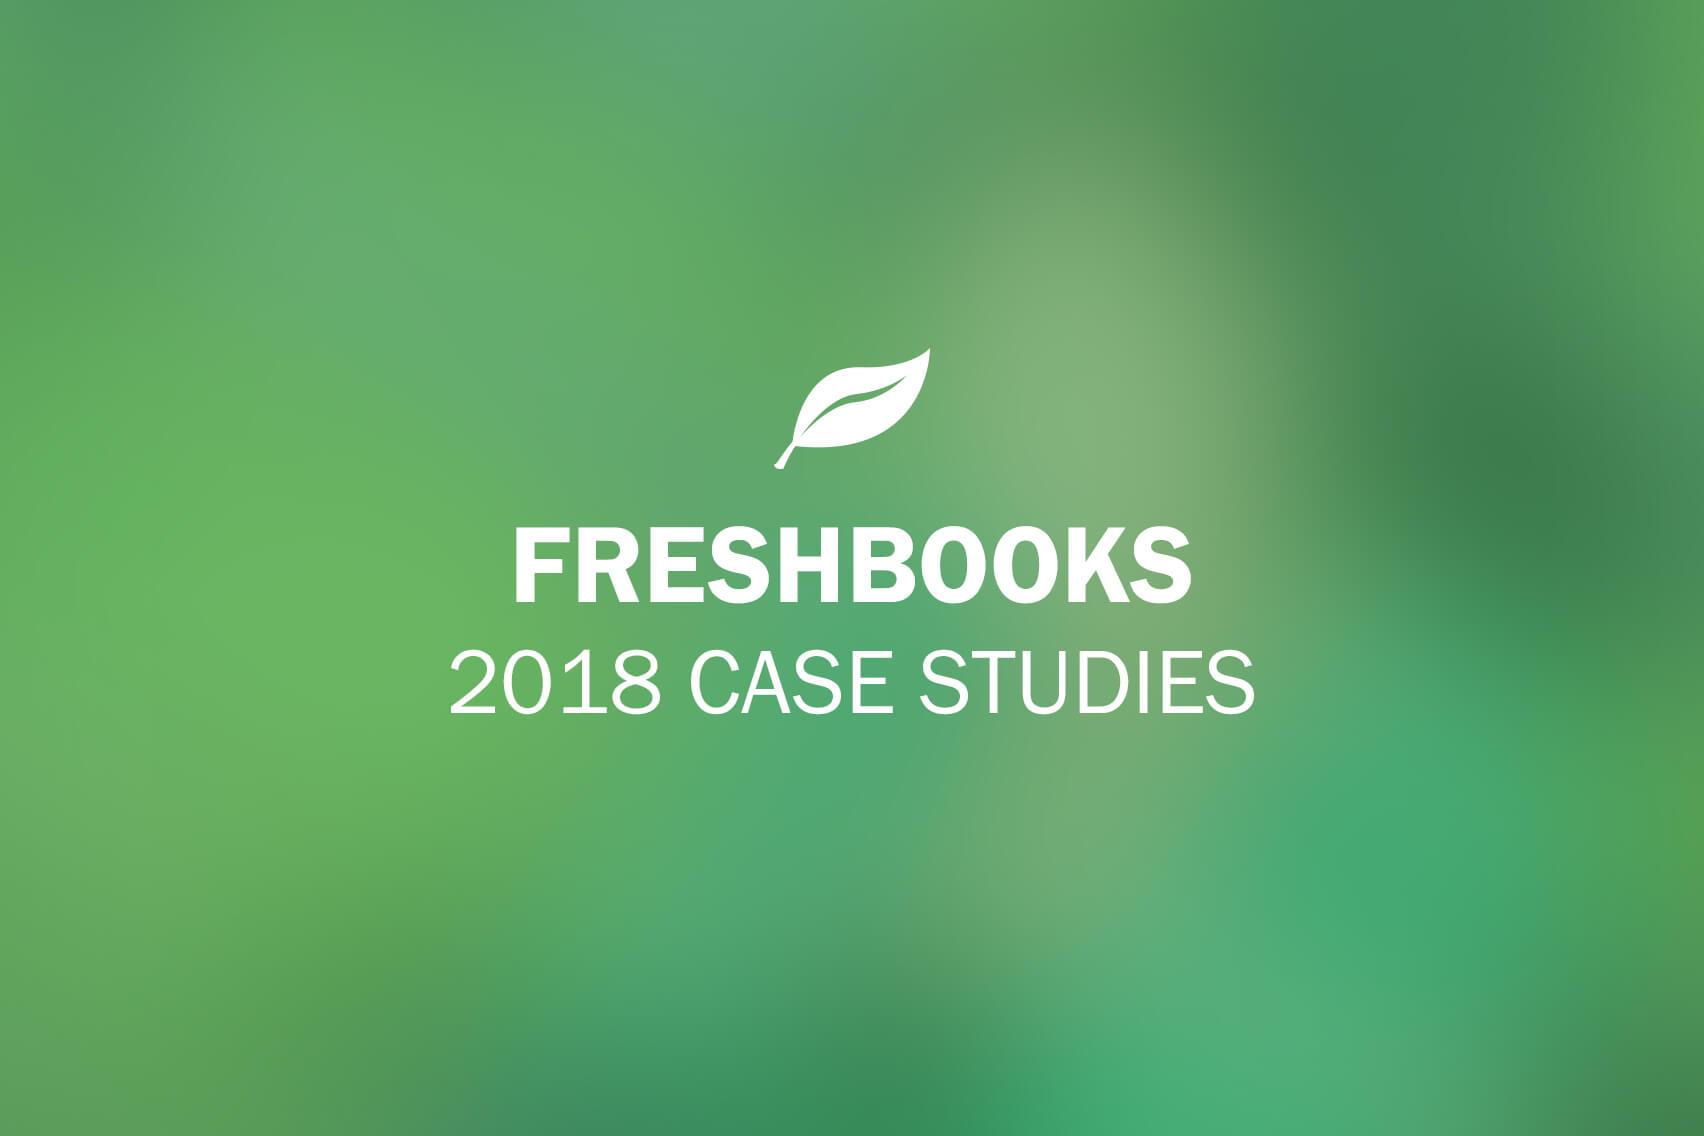 FreshBooks Case Studies: 2018 Recap